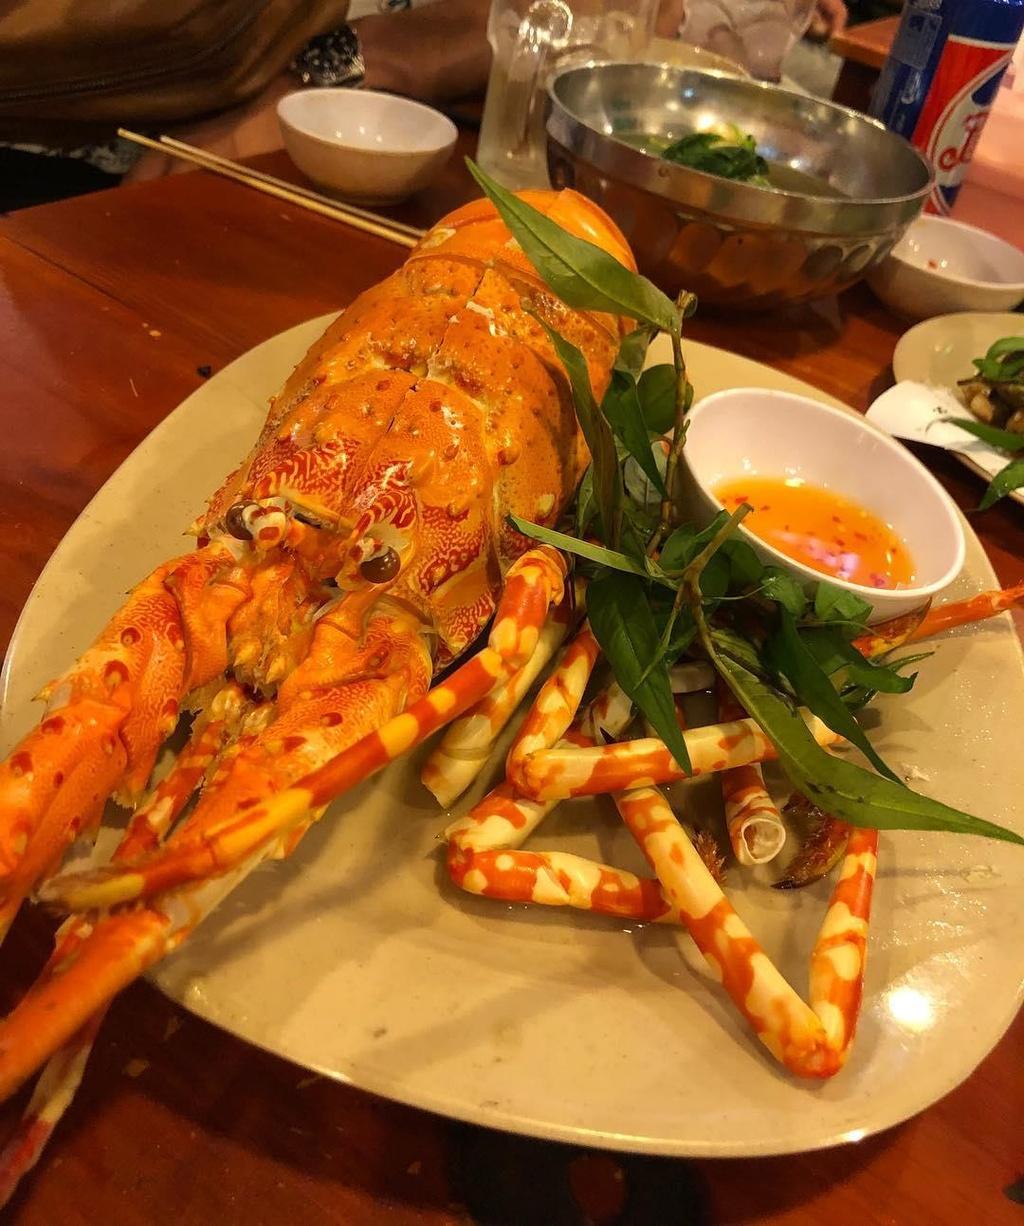 5 dia chi hai san noi tieng bao ngon, gia dep o Phu Quoc hinh anh 13 5 địa chỉ hải sản nổi tiếng bao ngon, giá đẹp ở Phú Quốc - cat_radio2017 - 5 địa chỉ hải sản nổi tiếng bao ngon, giá đẹp ở Phú Quốc